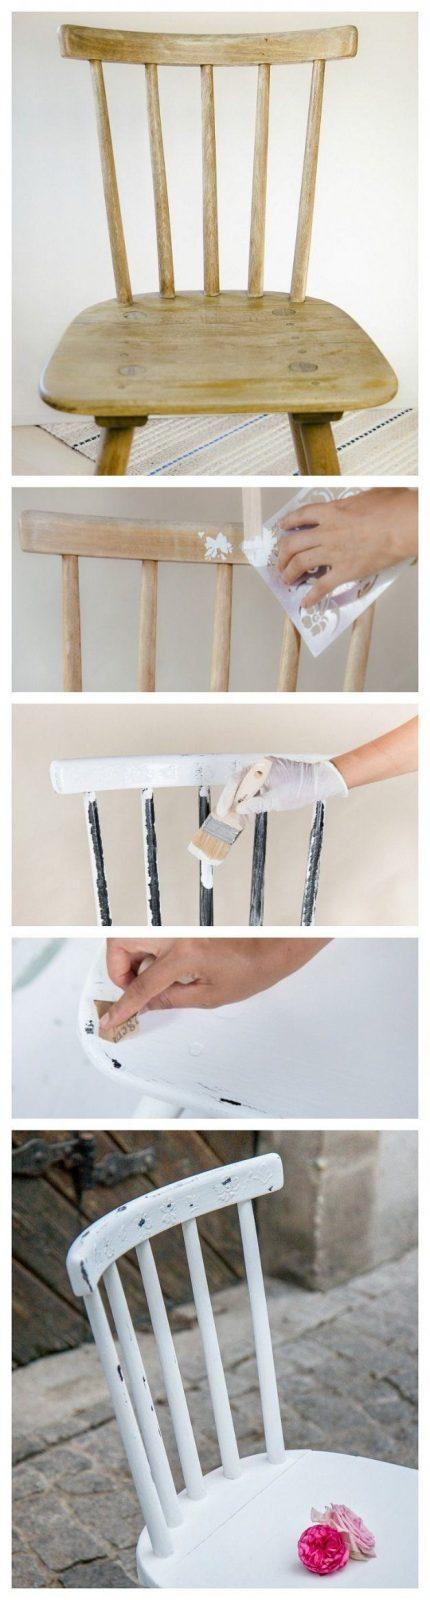 Shabby Chic Möbel Selber Machen Kreidefarbe Anwenden Und Möbel Im von Antik Look Selber Machen Bild